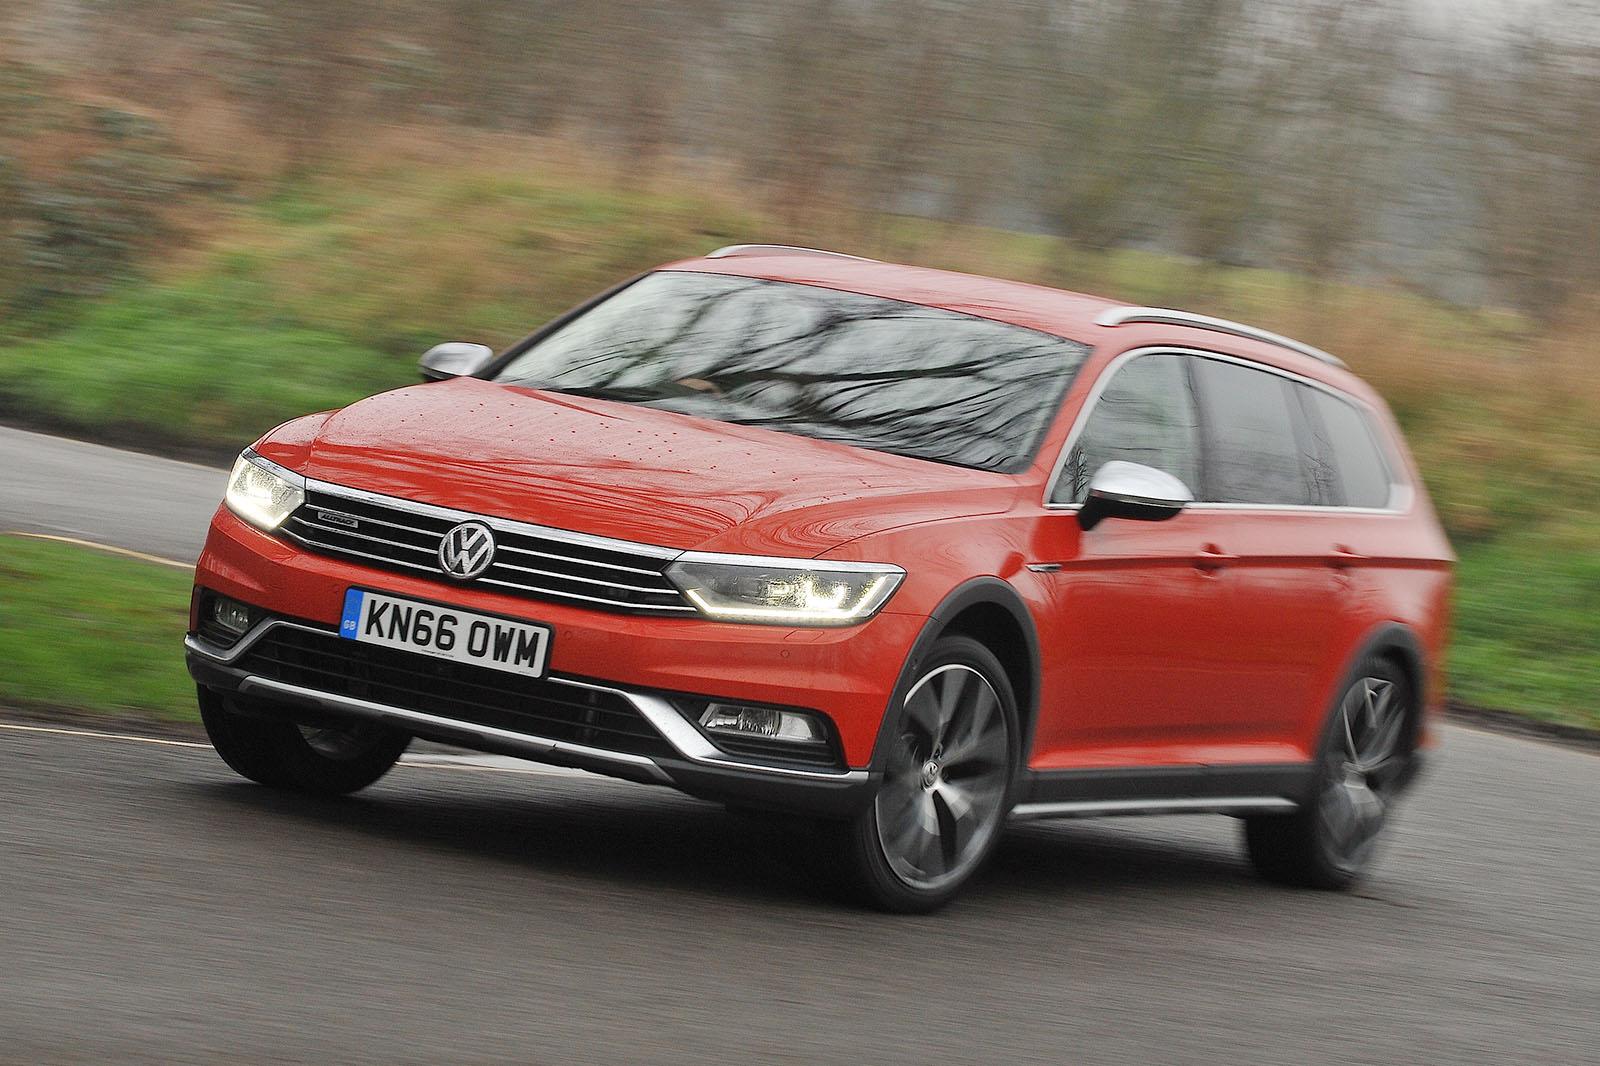 Volkswagen passat review 2017 autocar - Volkswagen Passat Review 2017 Autocar 1